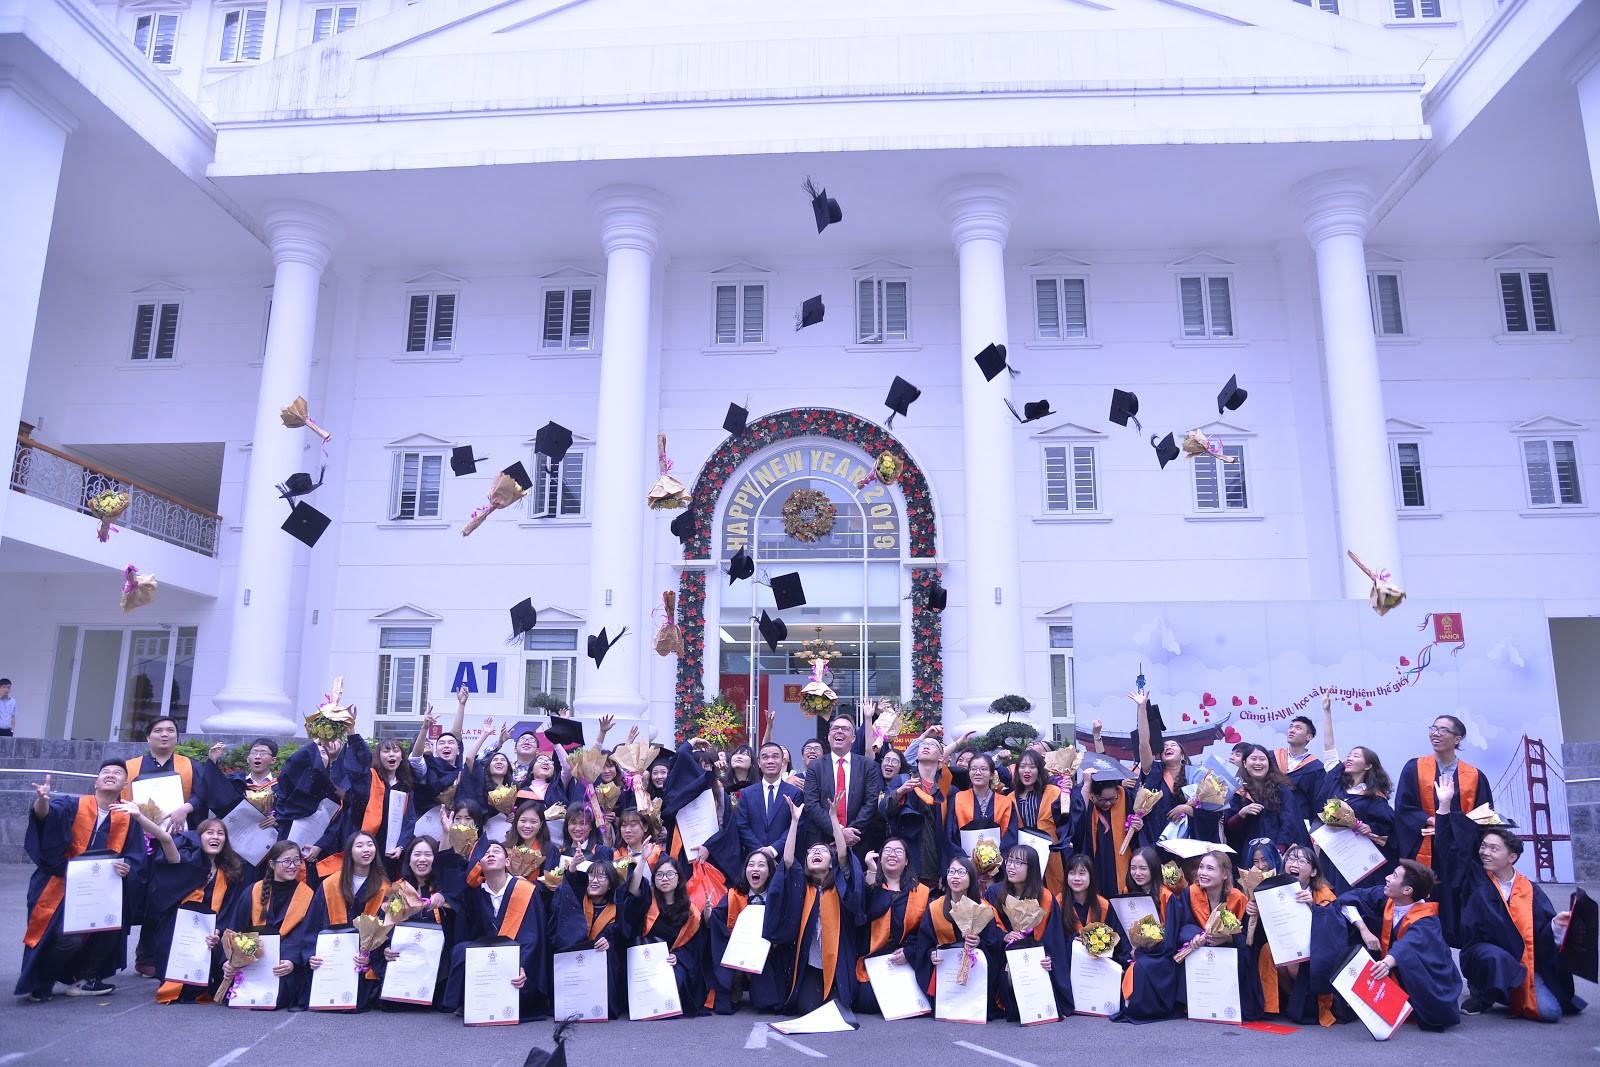 Đại học Hà Nội: xét tuyển bằng học bạ ngành Marketing - Tài chính liên kết đào tạo với Đại học La Trobe, Úc - Ảnh 1.